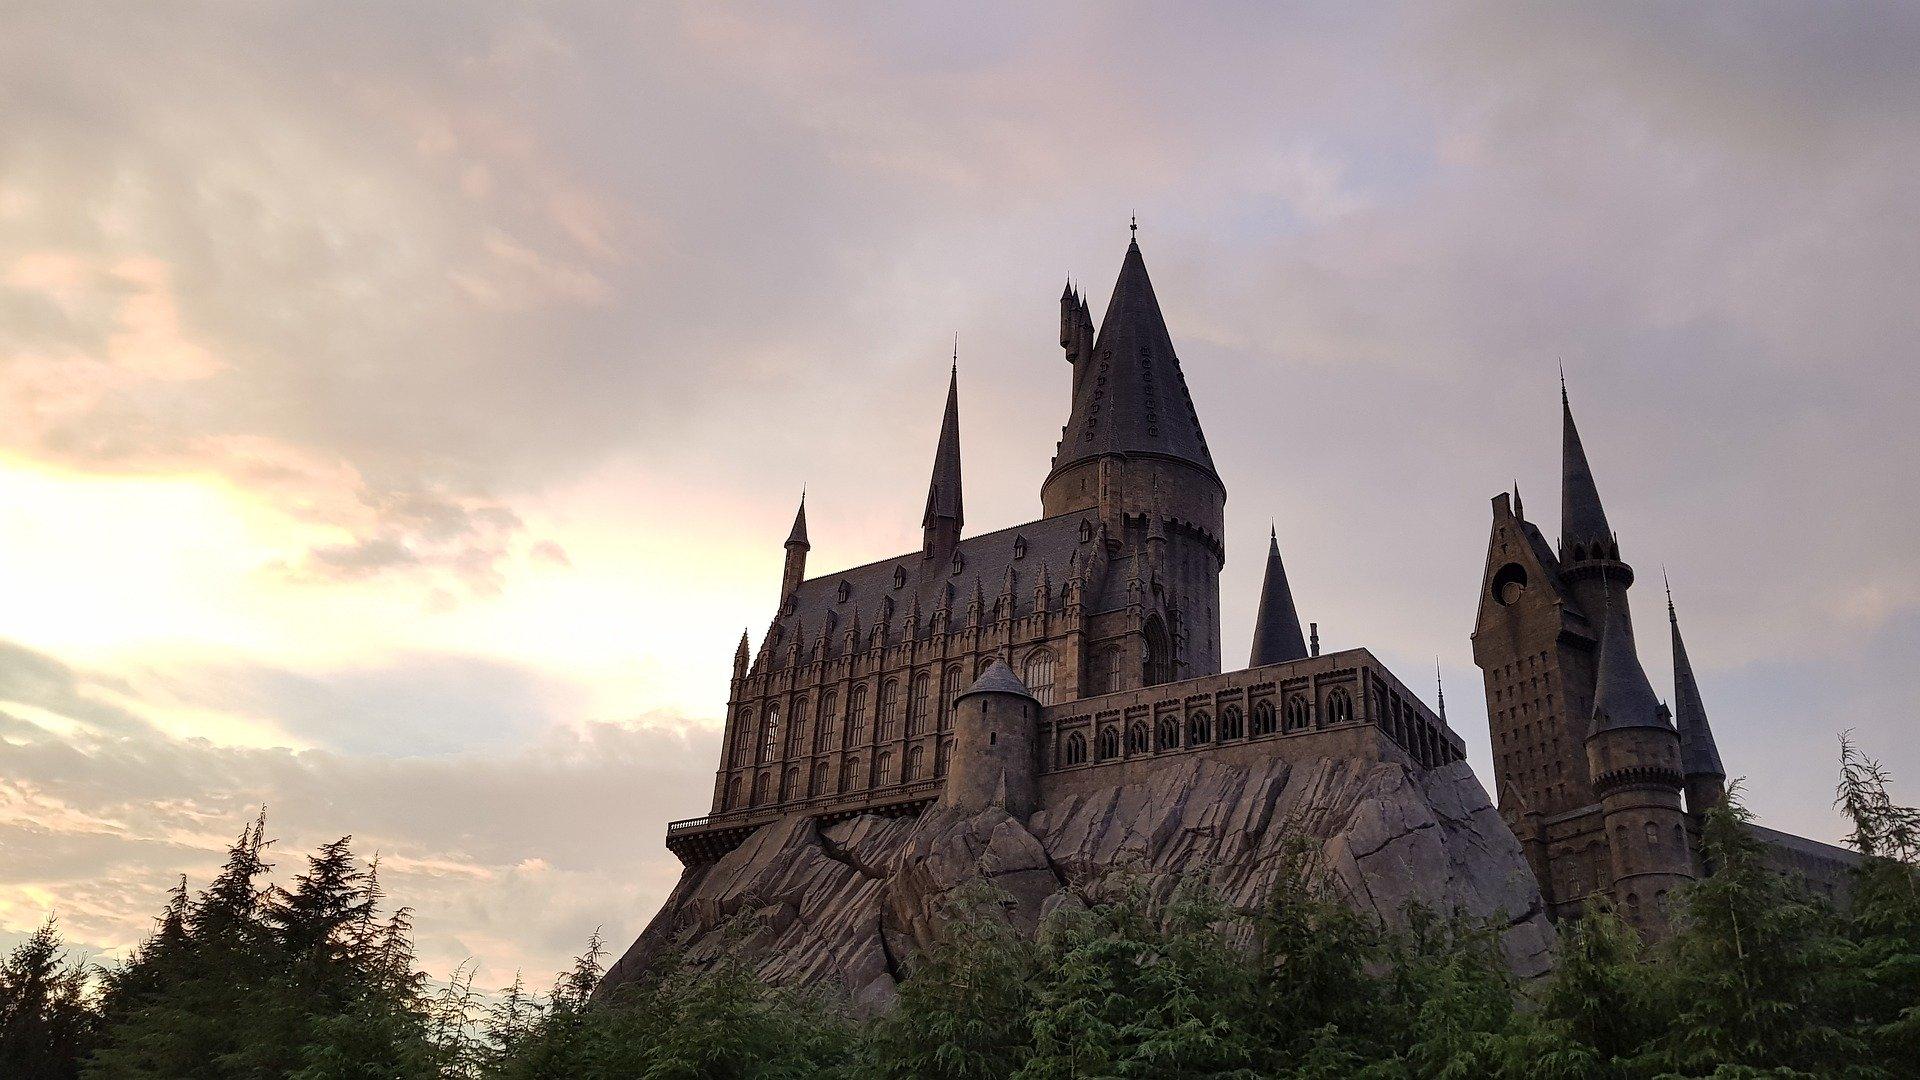 Die berühmte Burg von Hogwarts